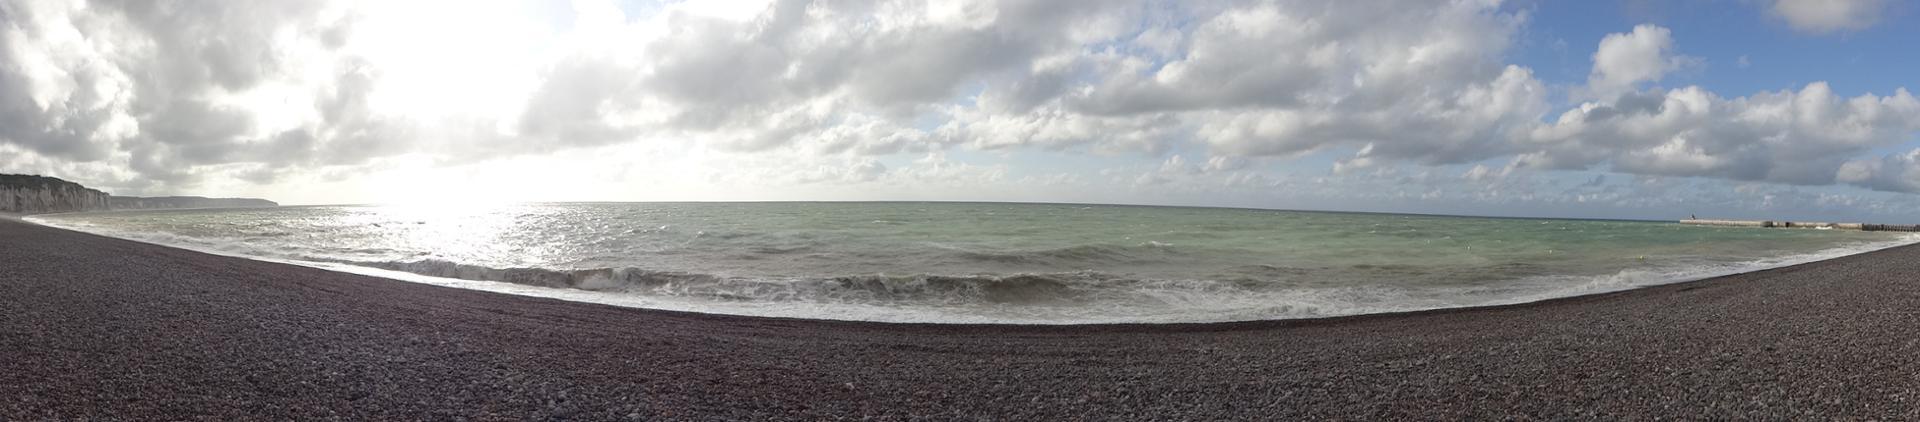 La plage ensoleillée